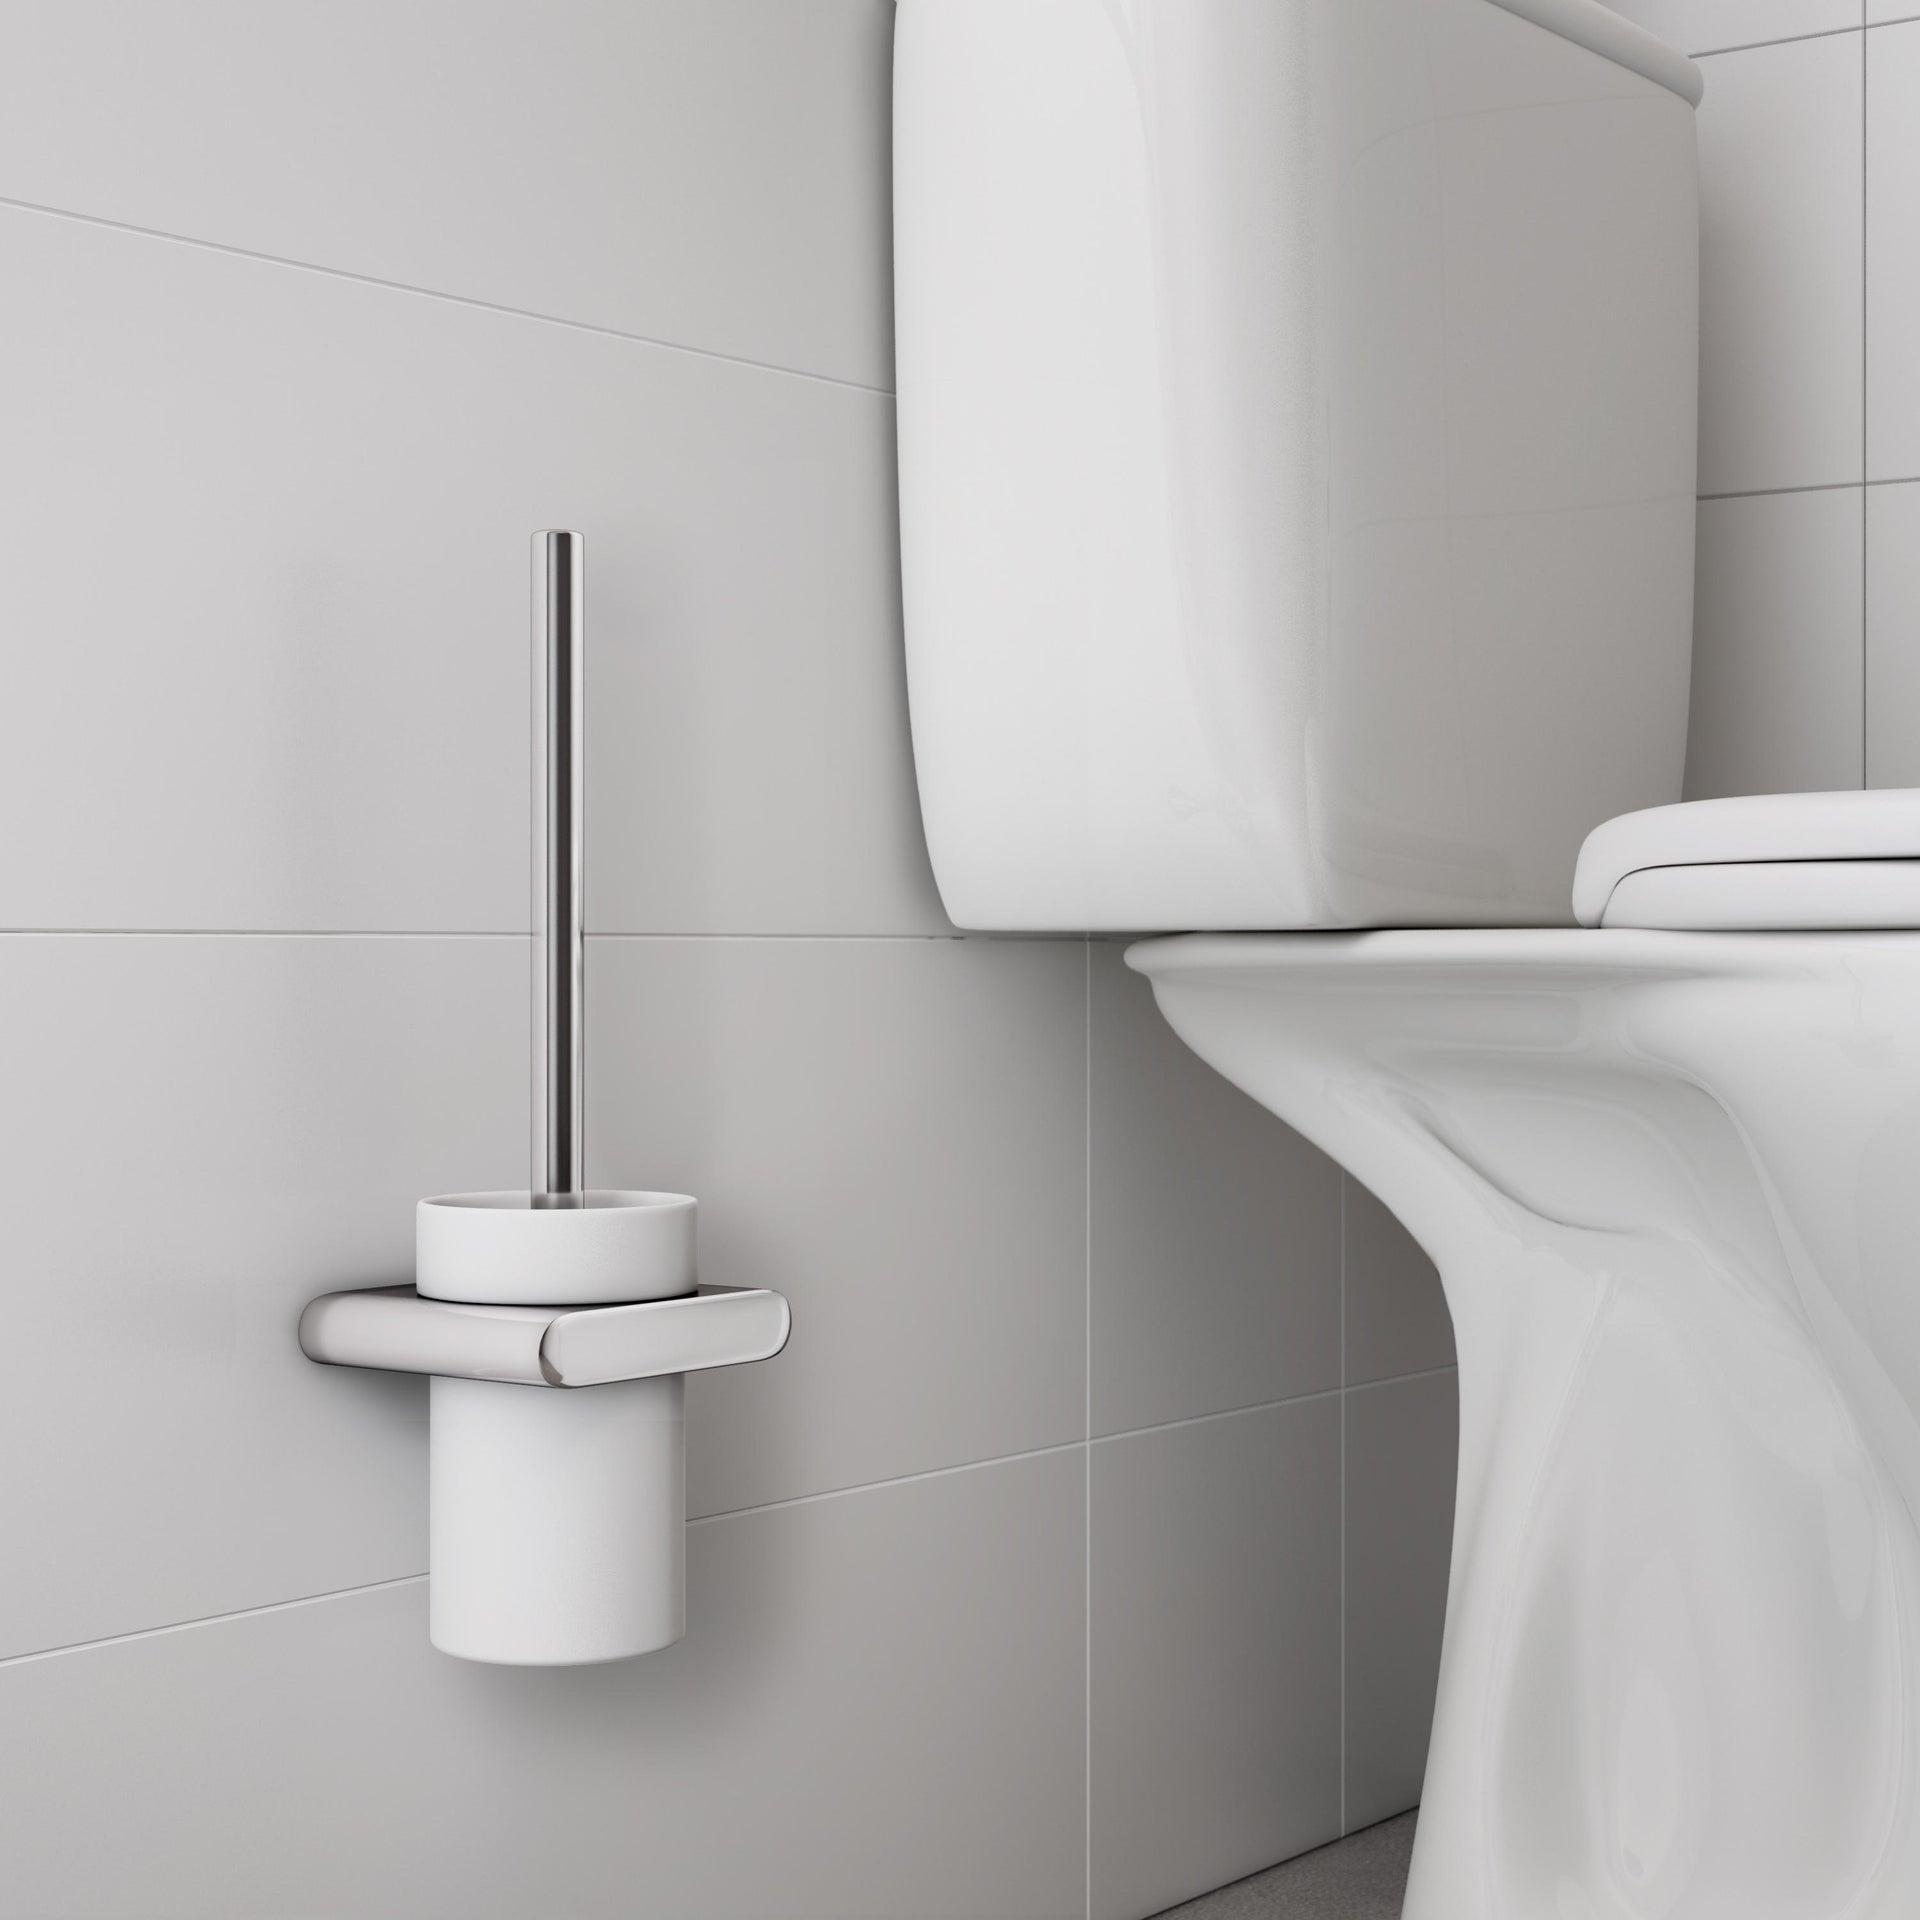 Porta scopino wc a muro Tube in zinco cromo - 3